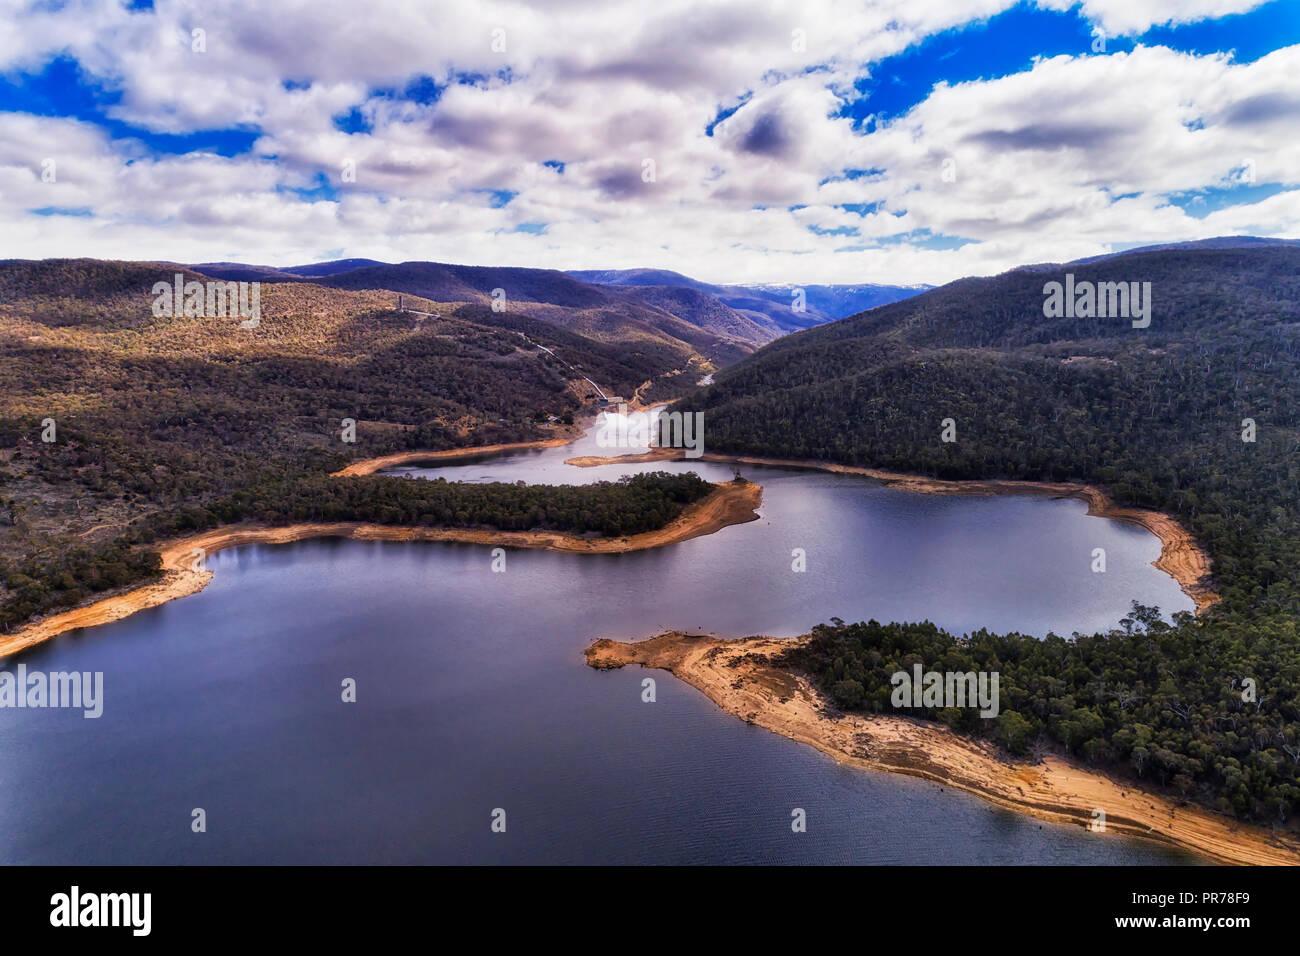 Delta des Snowy River in Jindabyne See Süßwasser-Reservoir von Jindabyne Damm hoch in den Bergen von Australien gebildet. Stockbild